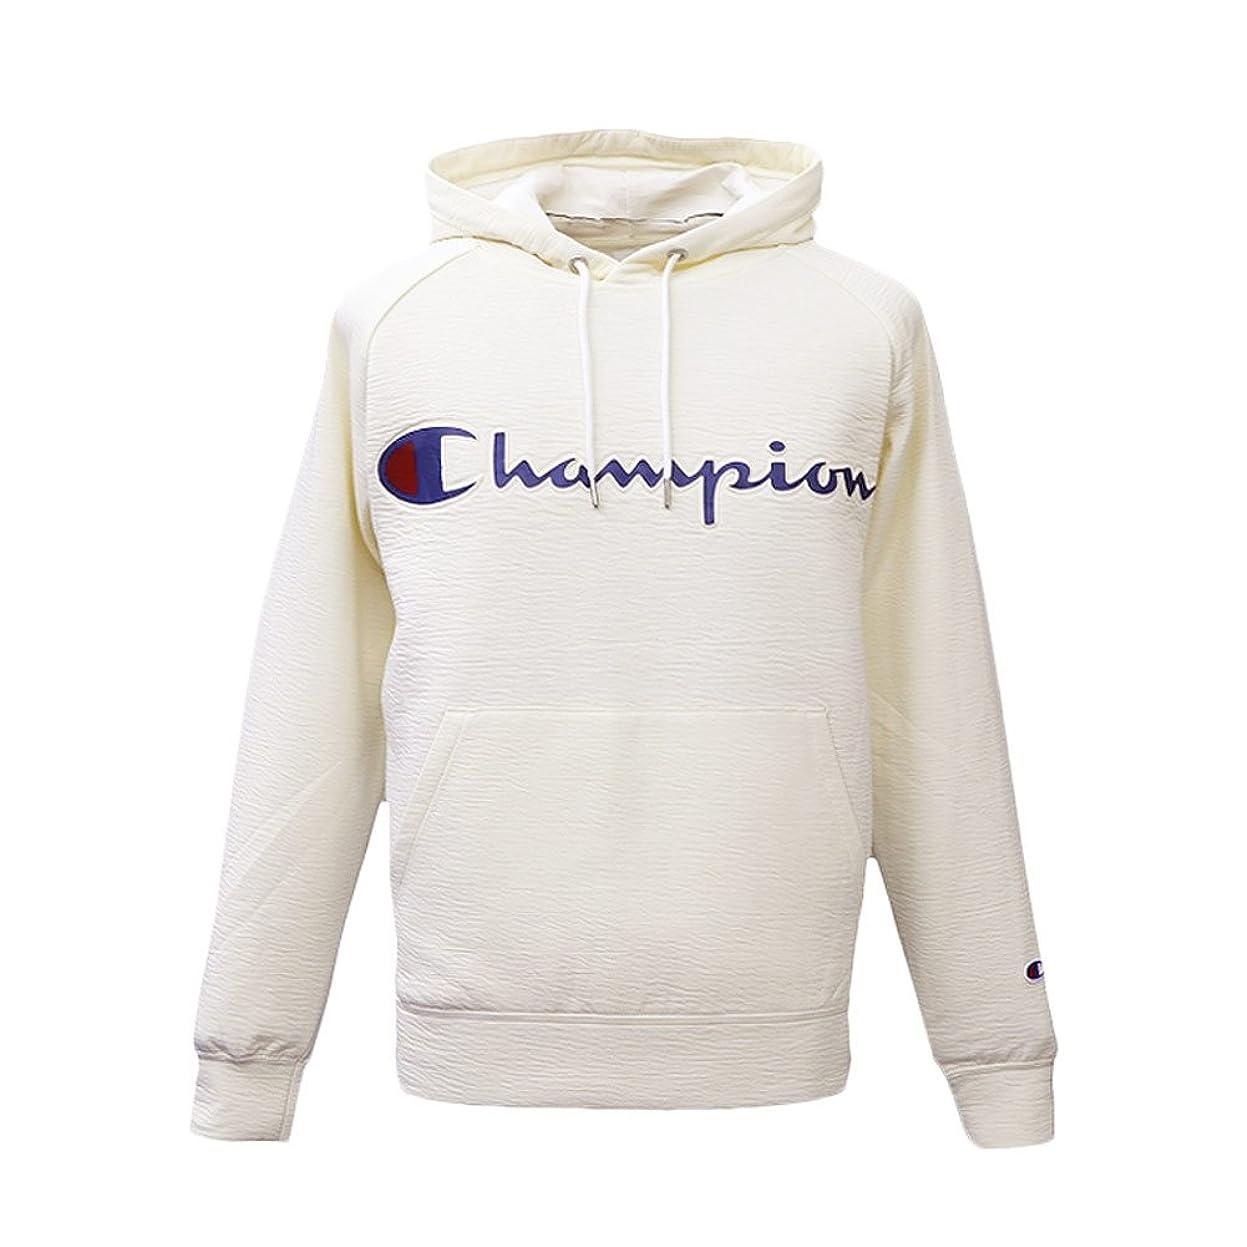 困惑したソーダ水聴くチャンピオン スウェットパーカー メンズ 上 Champion フード付き パーカー